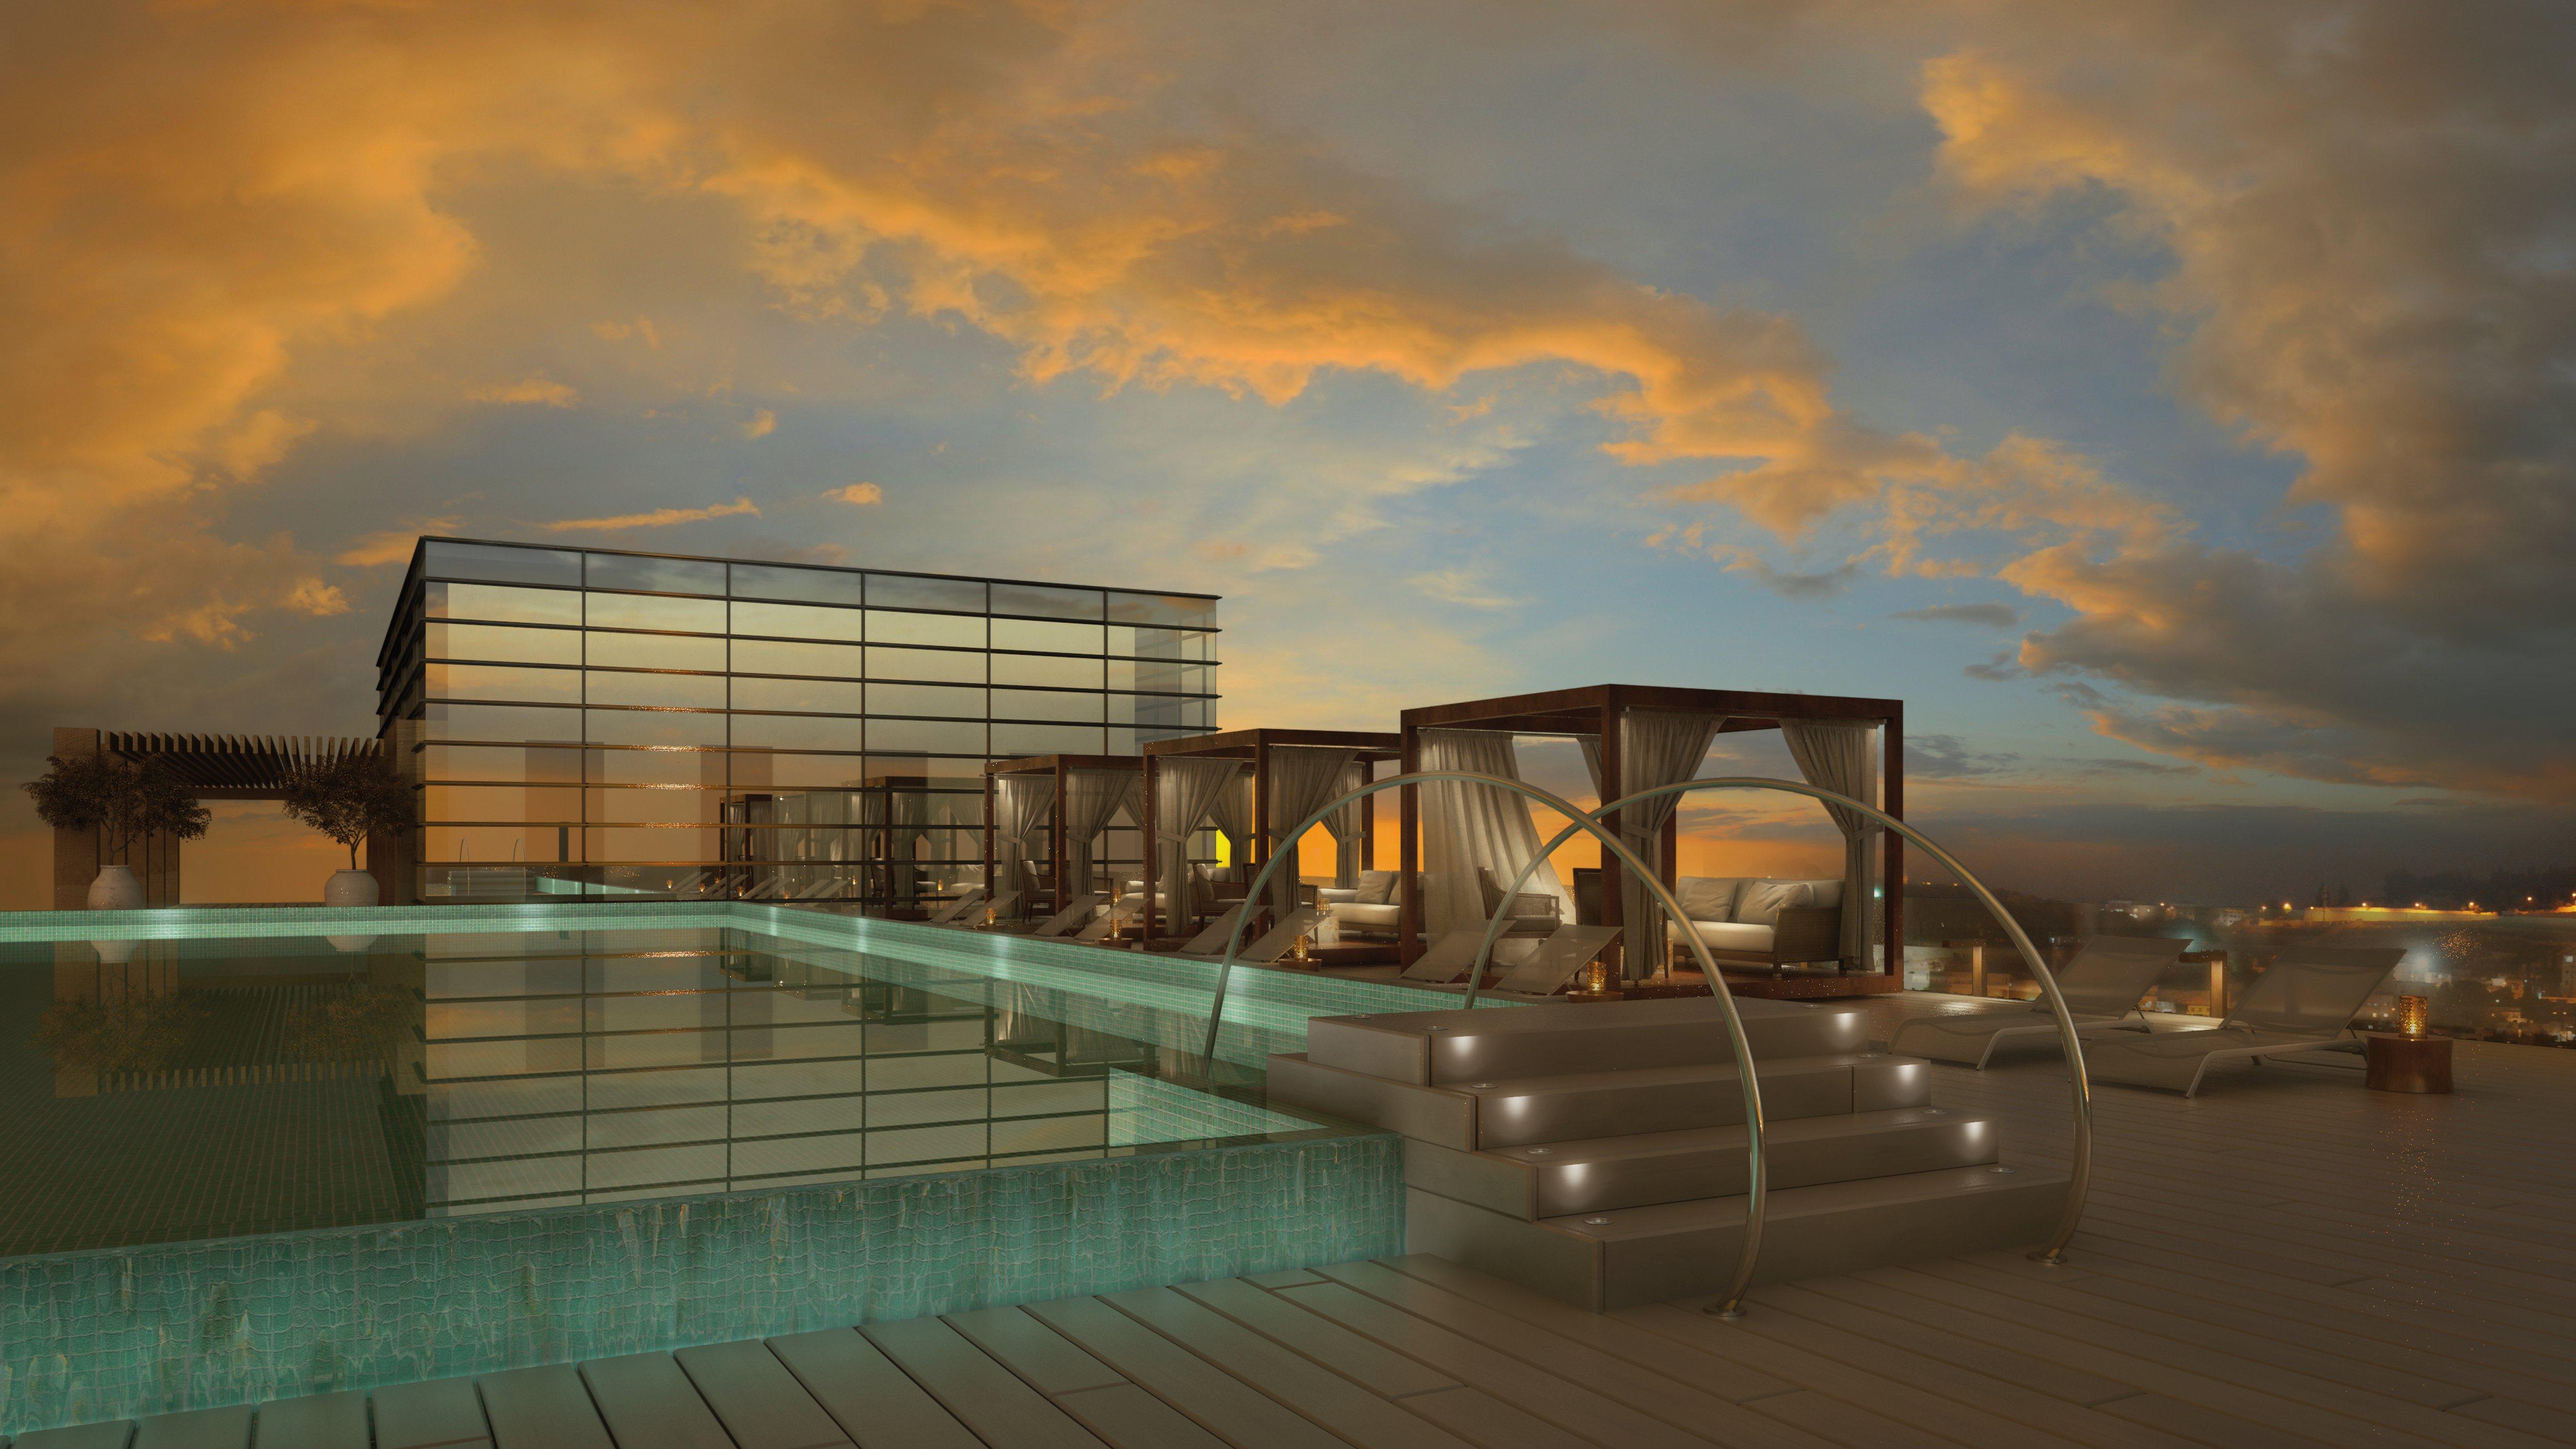 В сентябре 2016 года в Иерусалиме откроется новая гостиница сети Isrotel